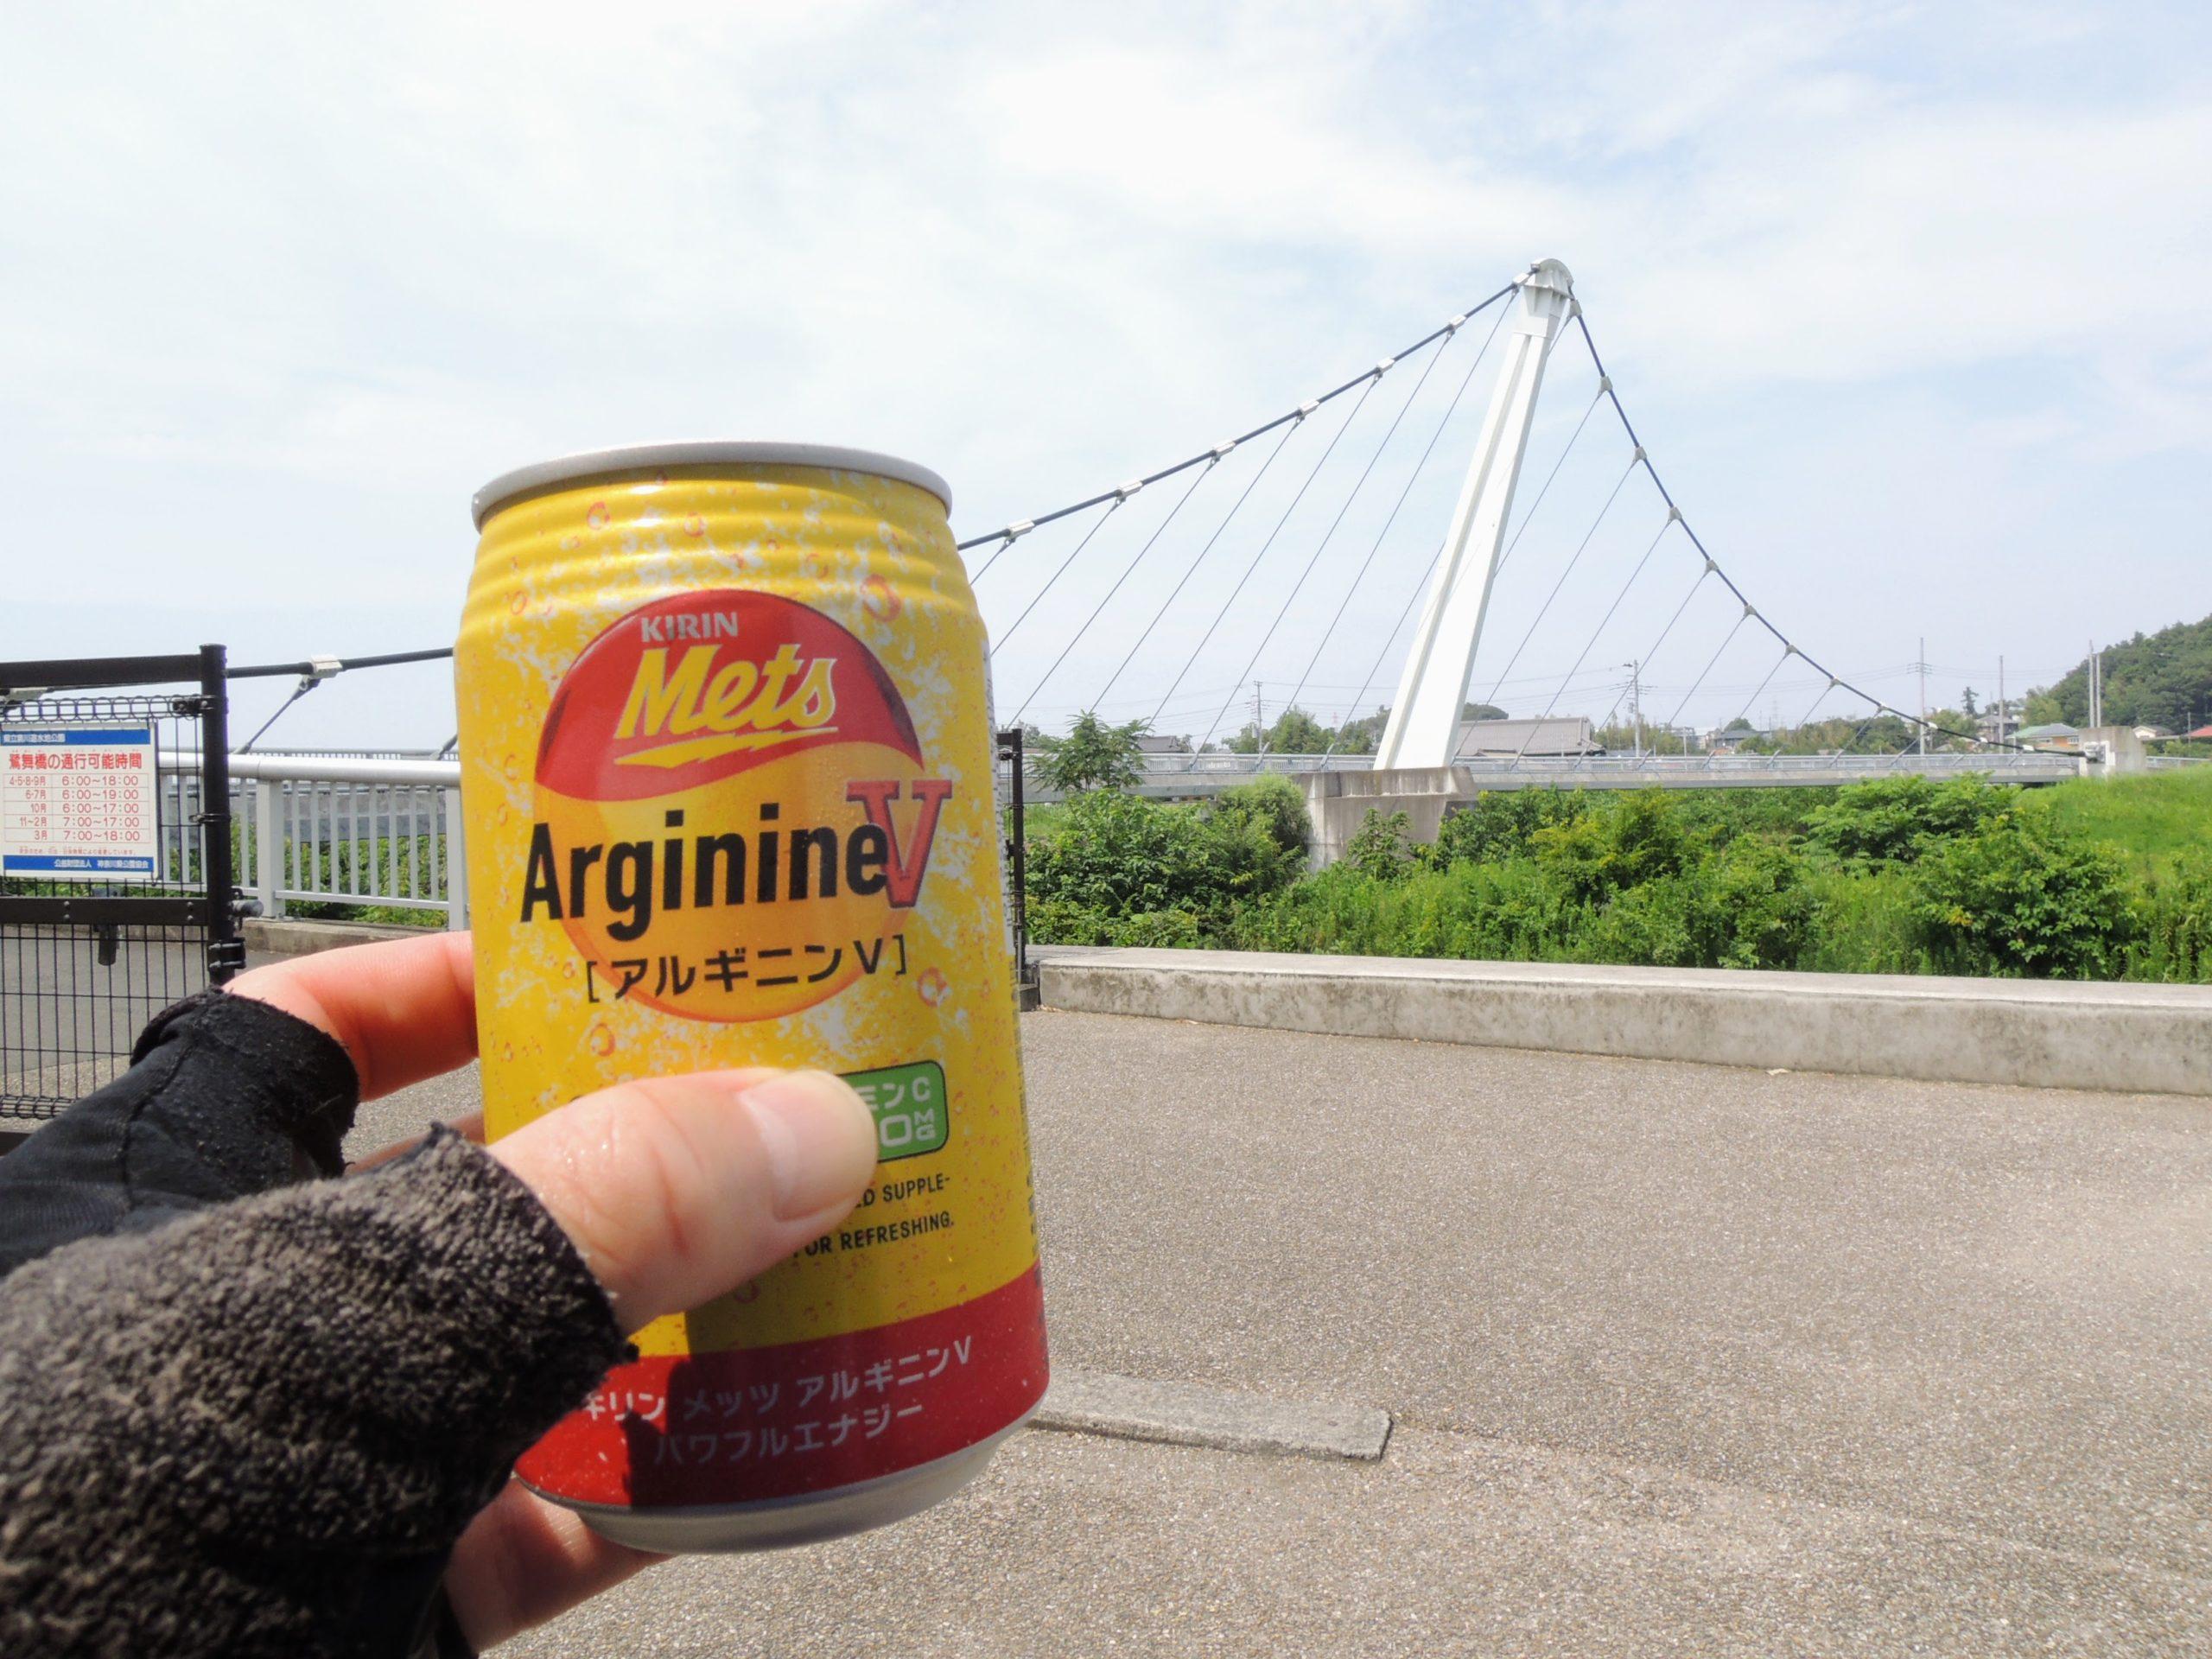 高田休憩所で鷺舞橋を見ながらアルギニンVを注入